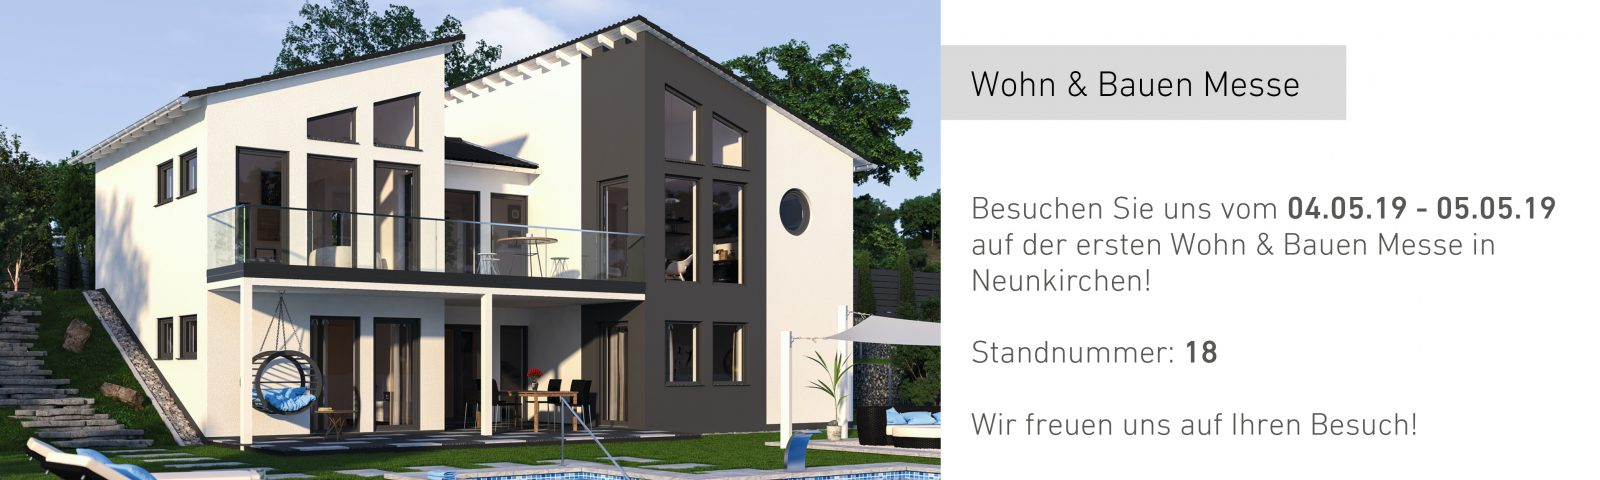 Wohn & Bauen